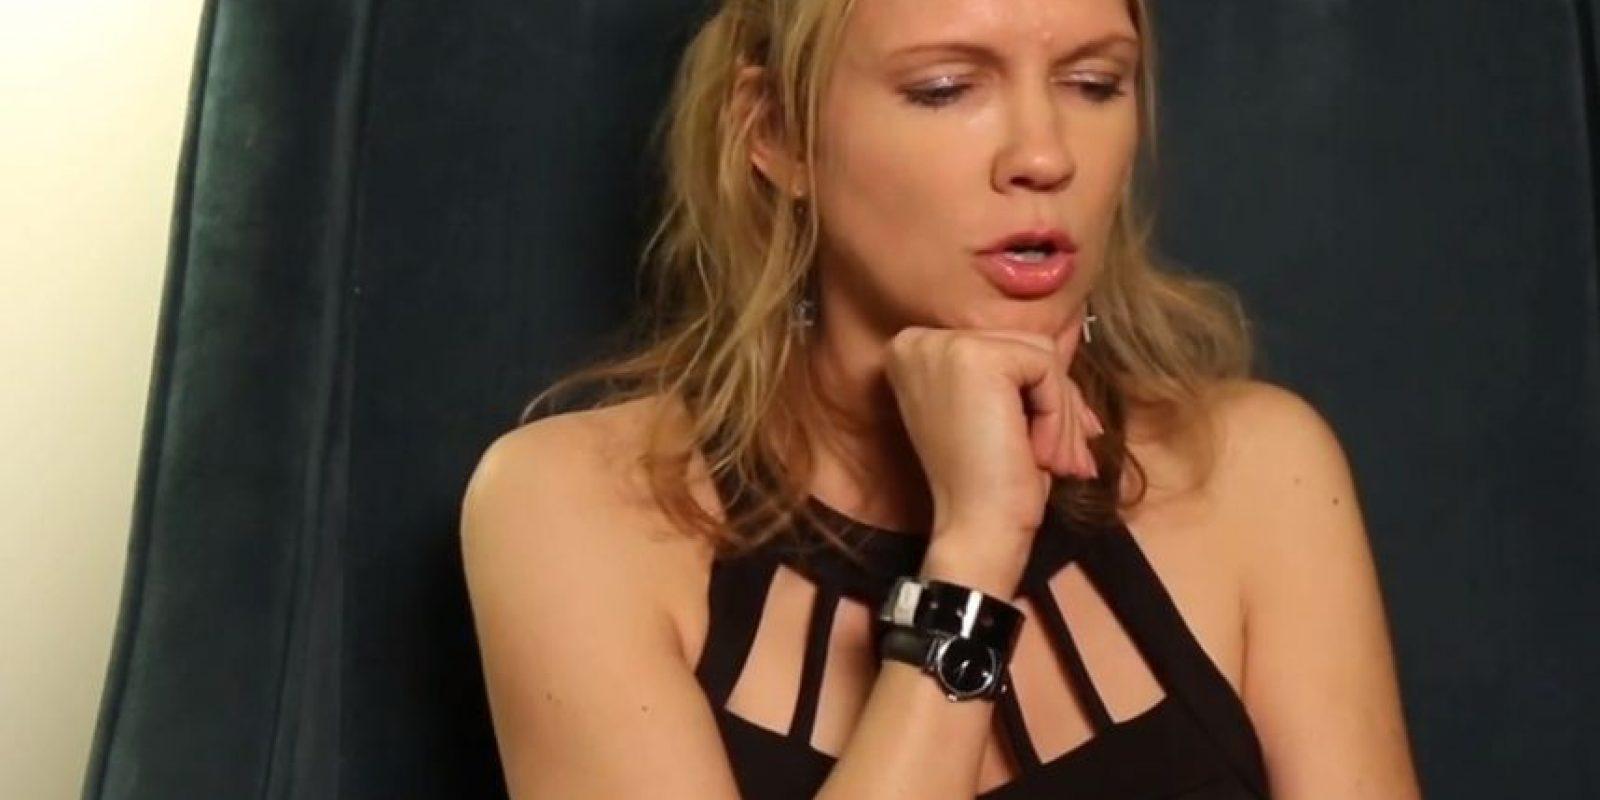 Tuvo sexo con suturas en su cuerpo. Obviamente maquilladas. Foto:Vince Mancini/ Youtube